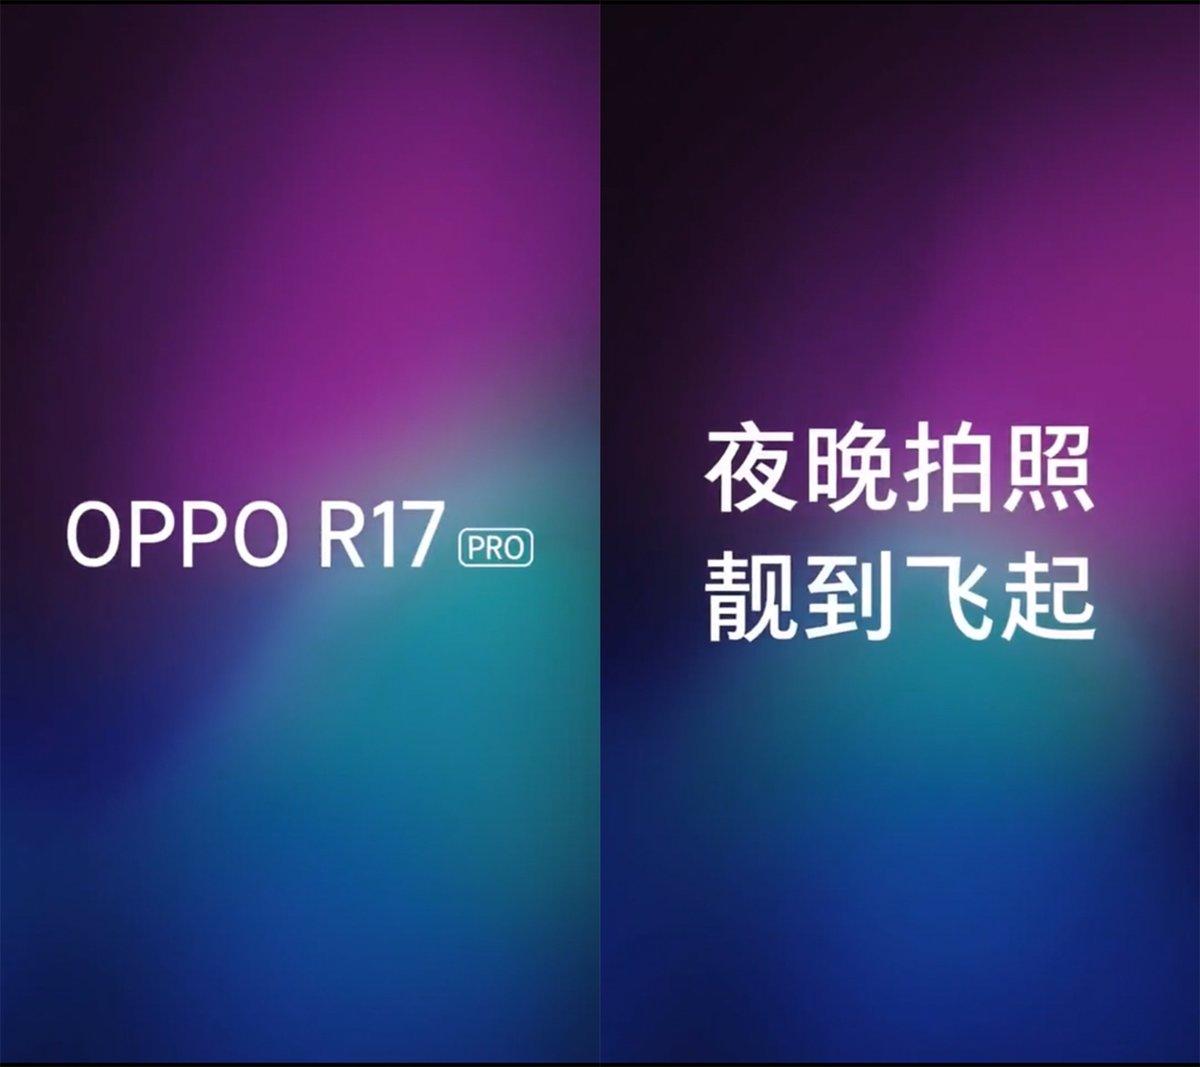 灵动光圈加持,oppo r17 pro解决手机夜拍行业痛点